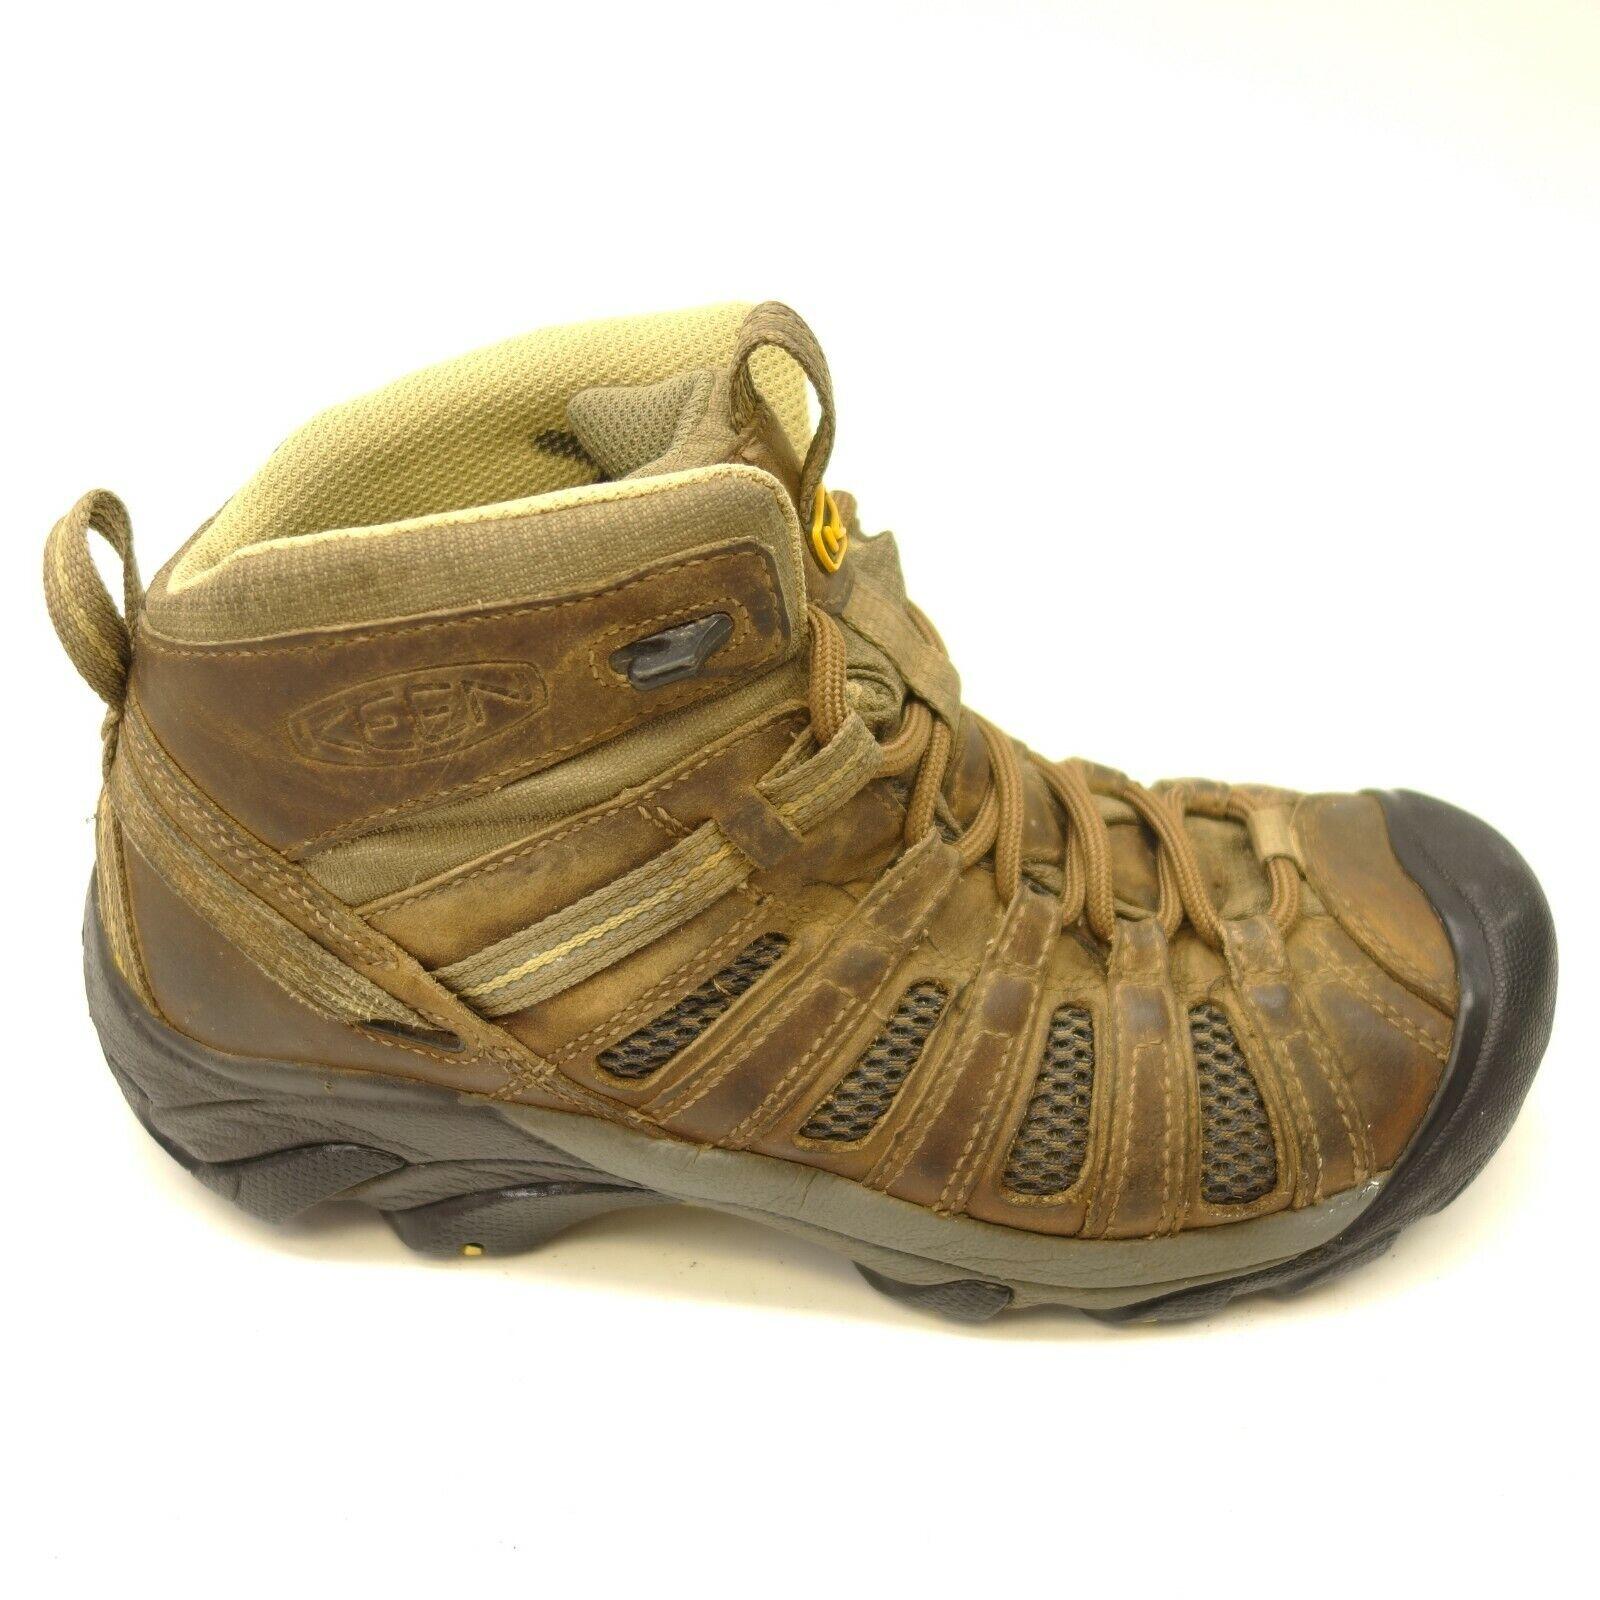 Keen Voyageur Mid Sz 9.5 Cuero Deportivo Soporte Senderismo Zapatos Mujer